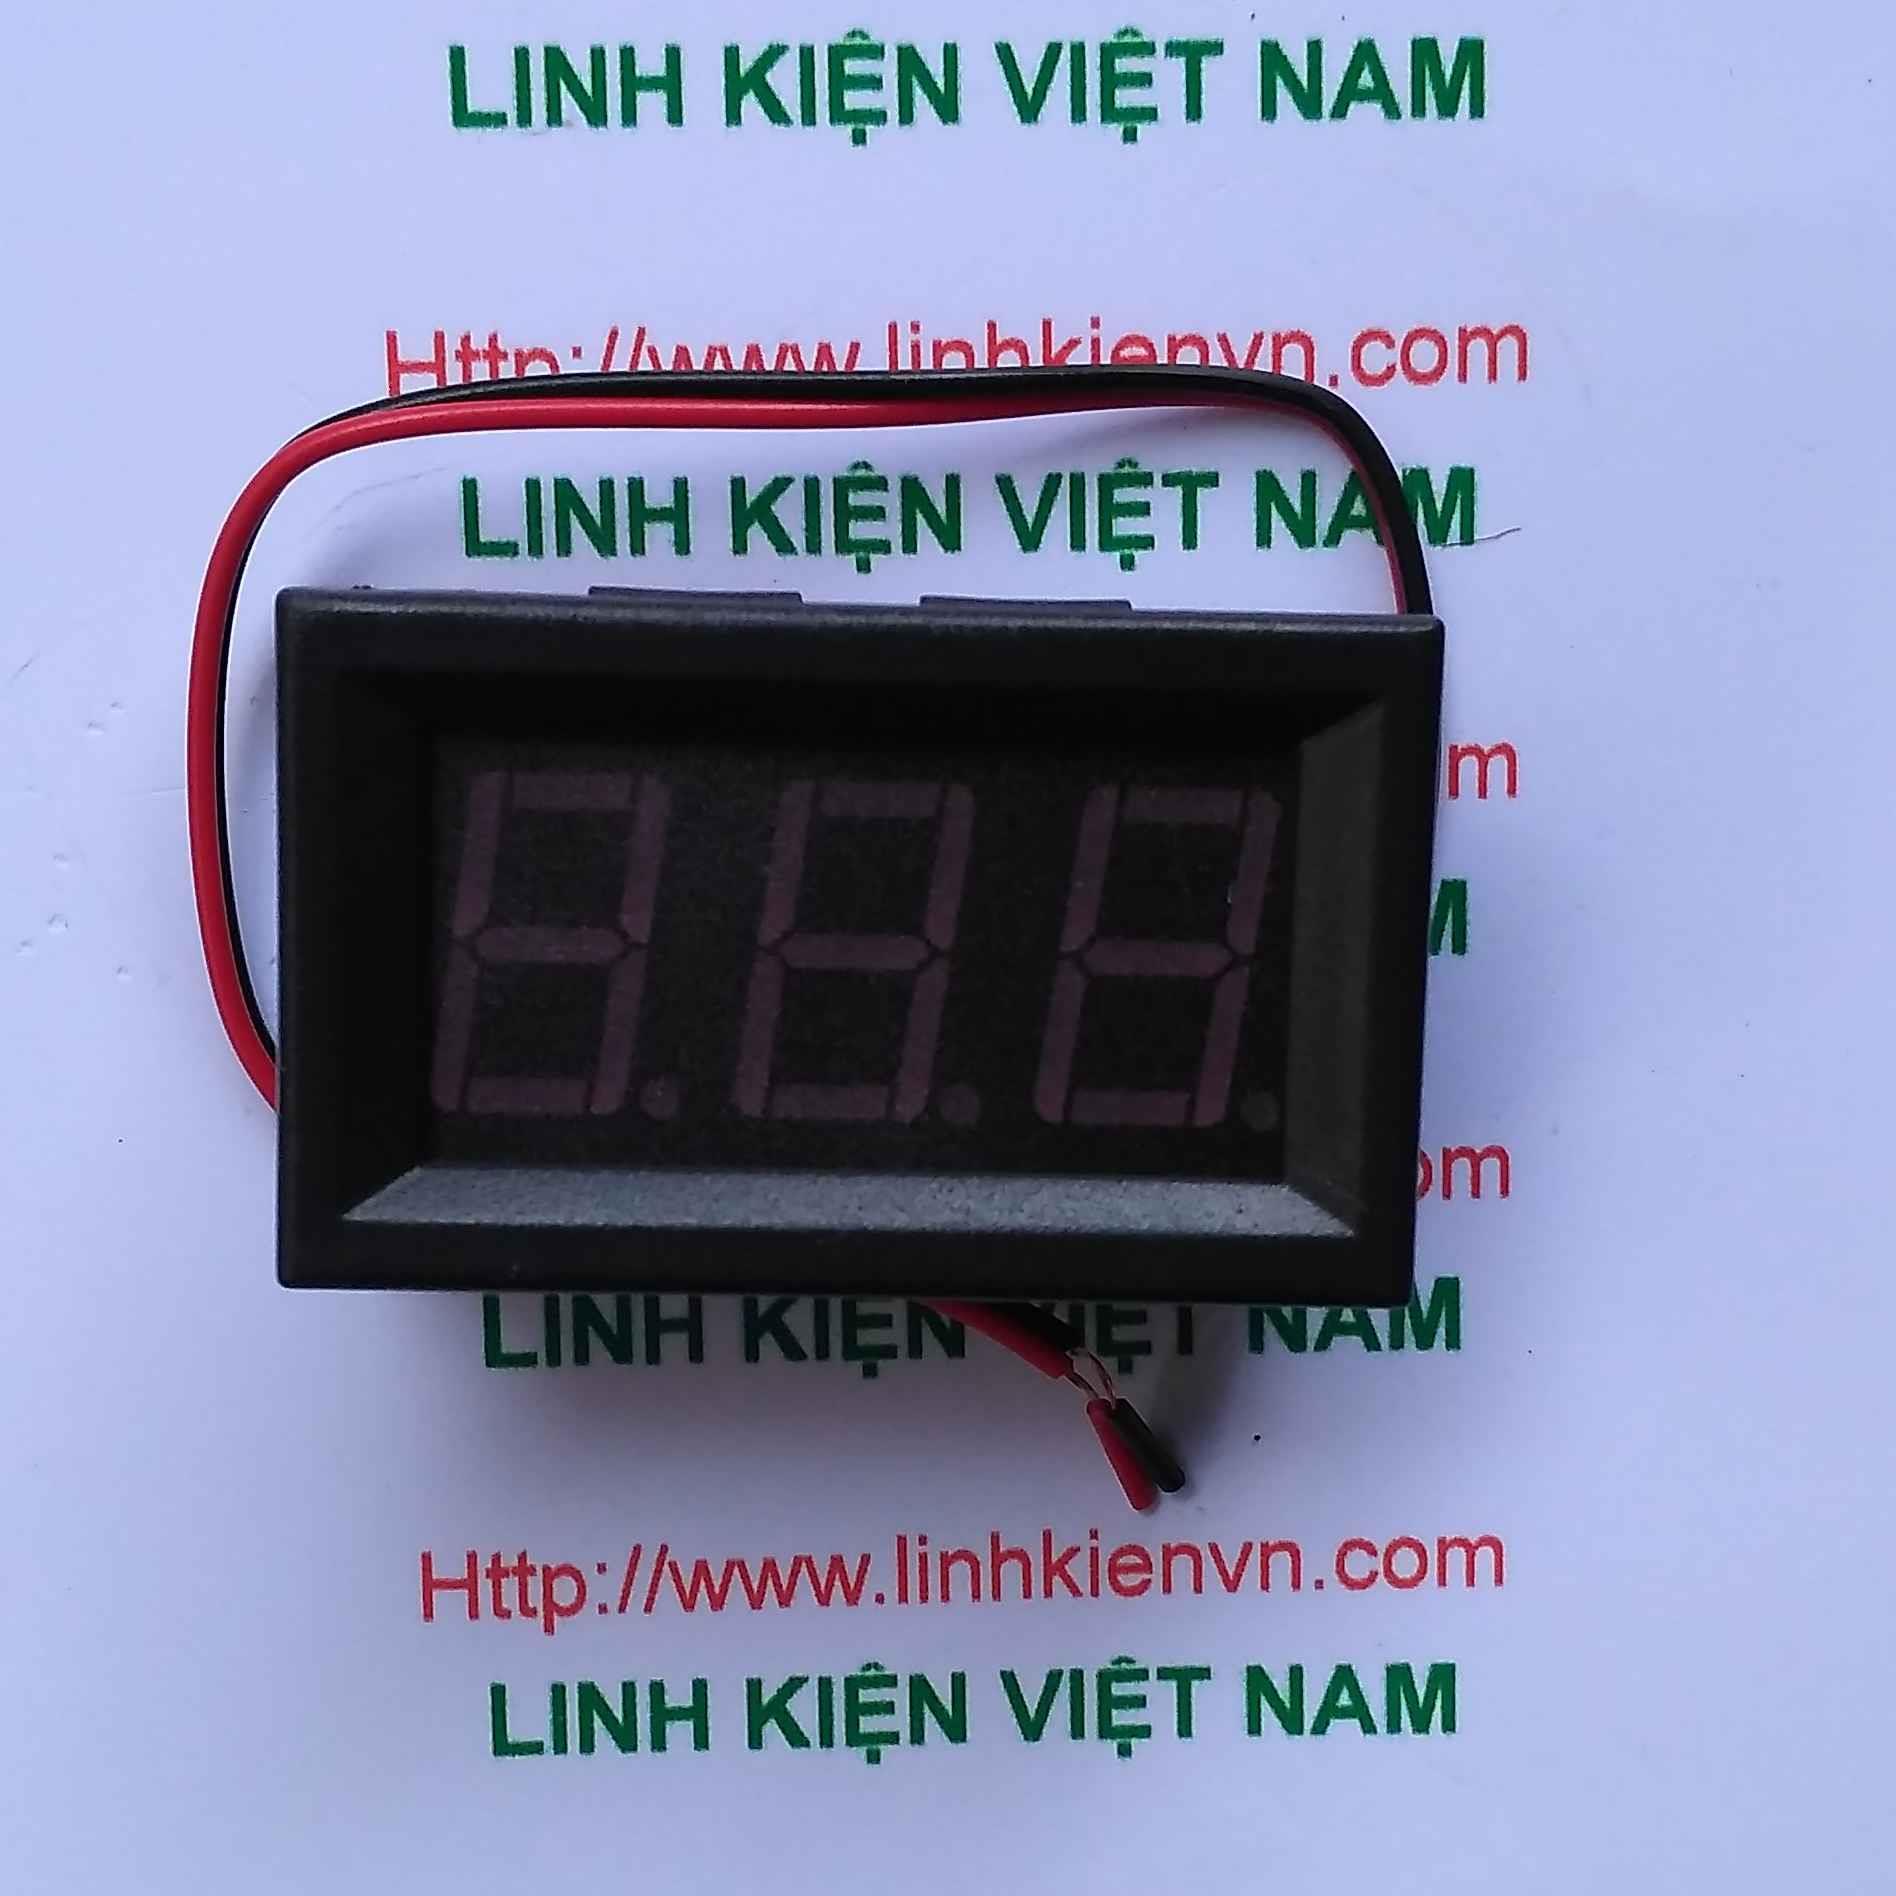 Module đo hiển thị điện áp 70V-500V DSN-DVM-568VAC/ Module đo hiển thị điện áp bằng hai dây - G1H14